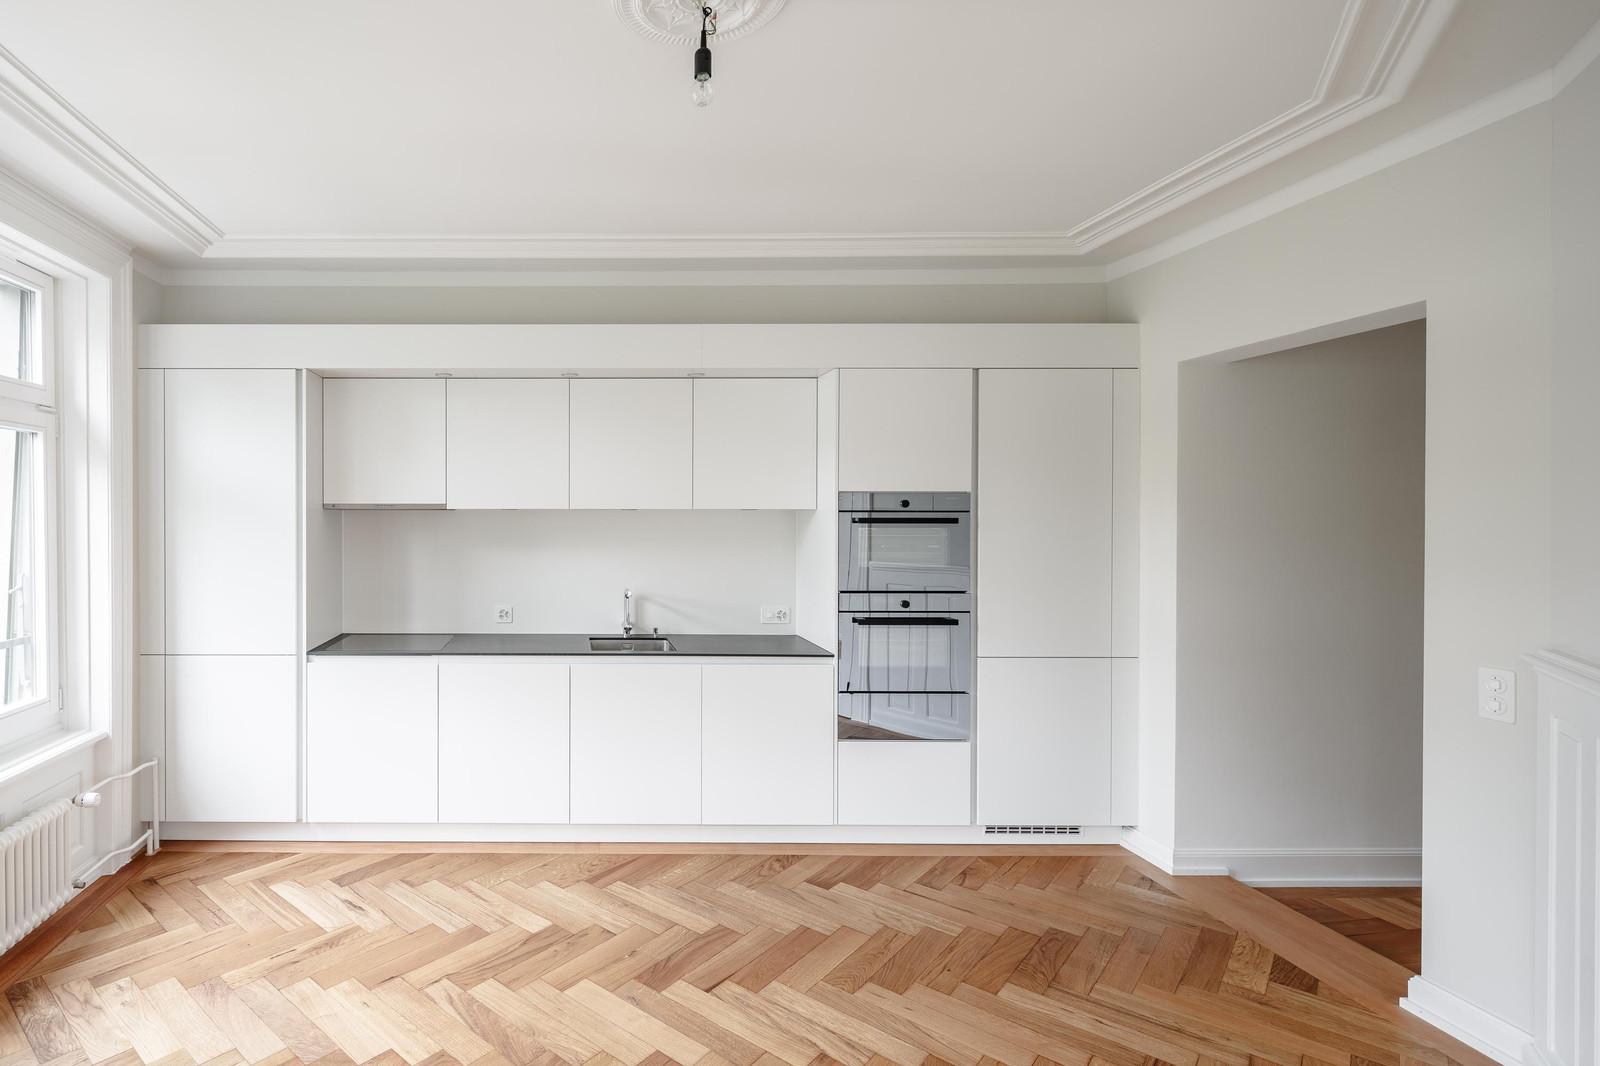 Parkett Küche küche parkett fischgrat aquino architekt zürich